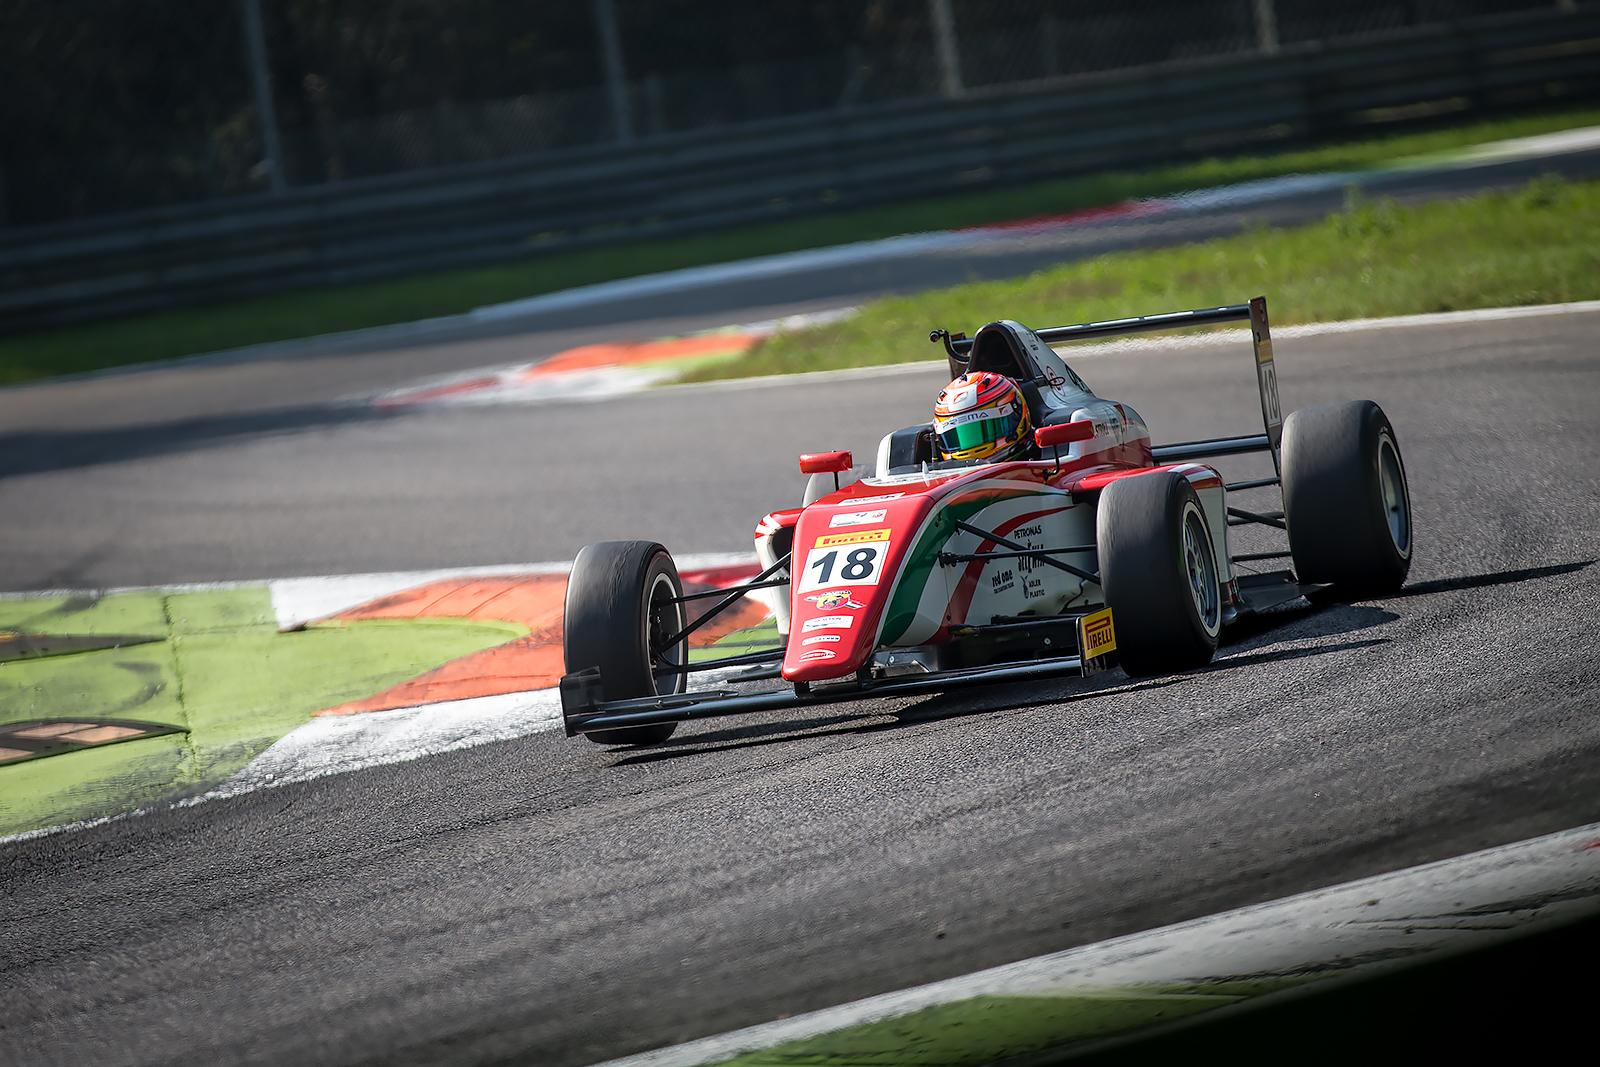 F4: doppio podio per Stroll a Monza